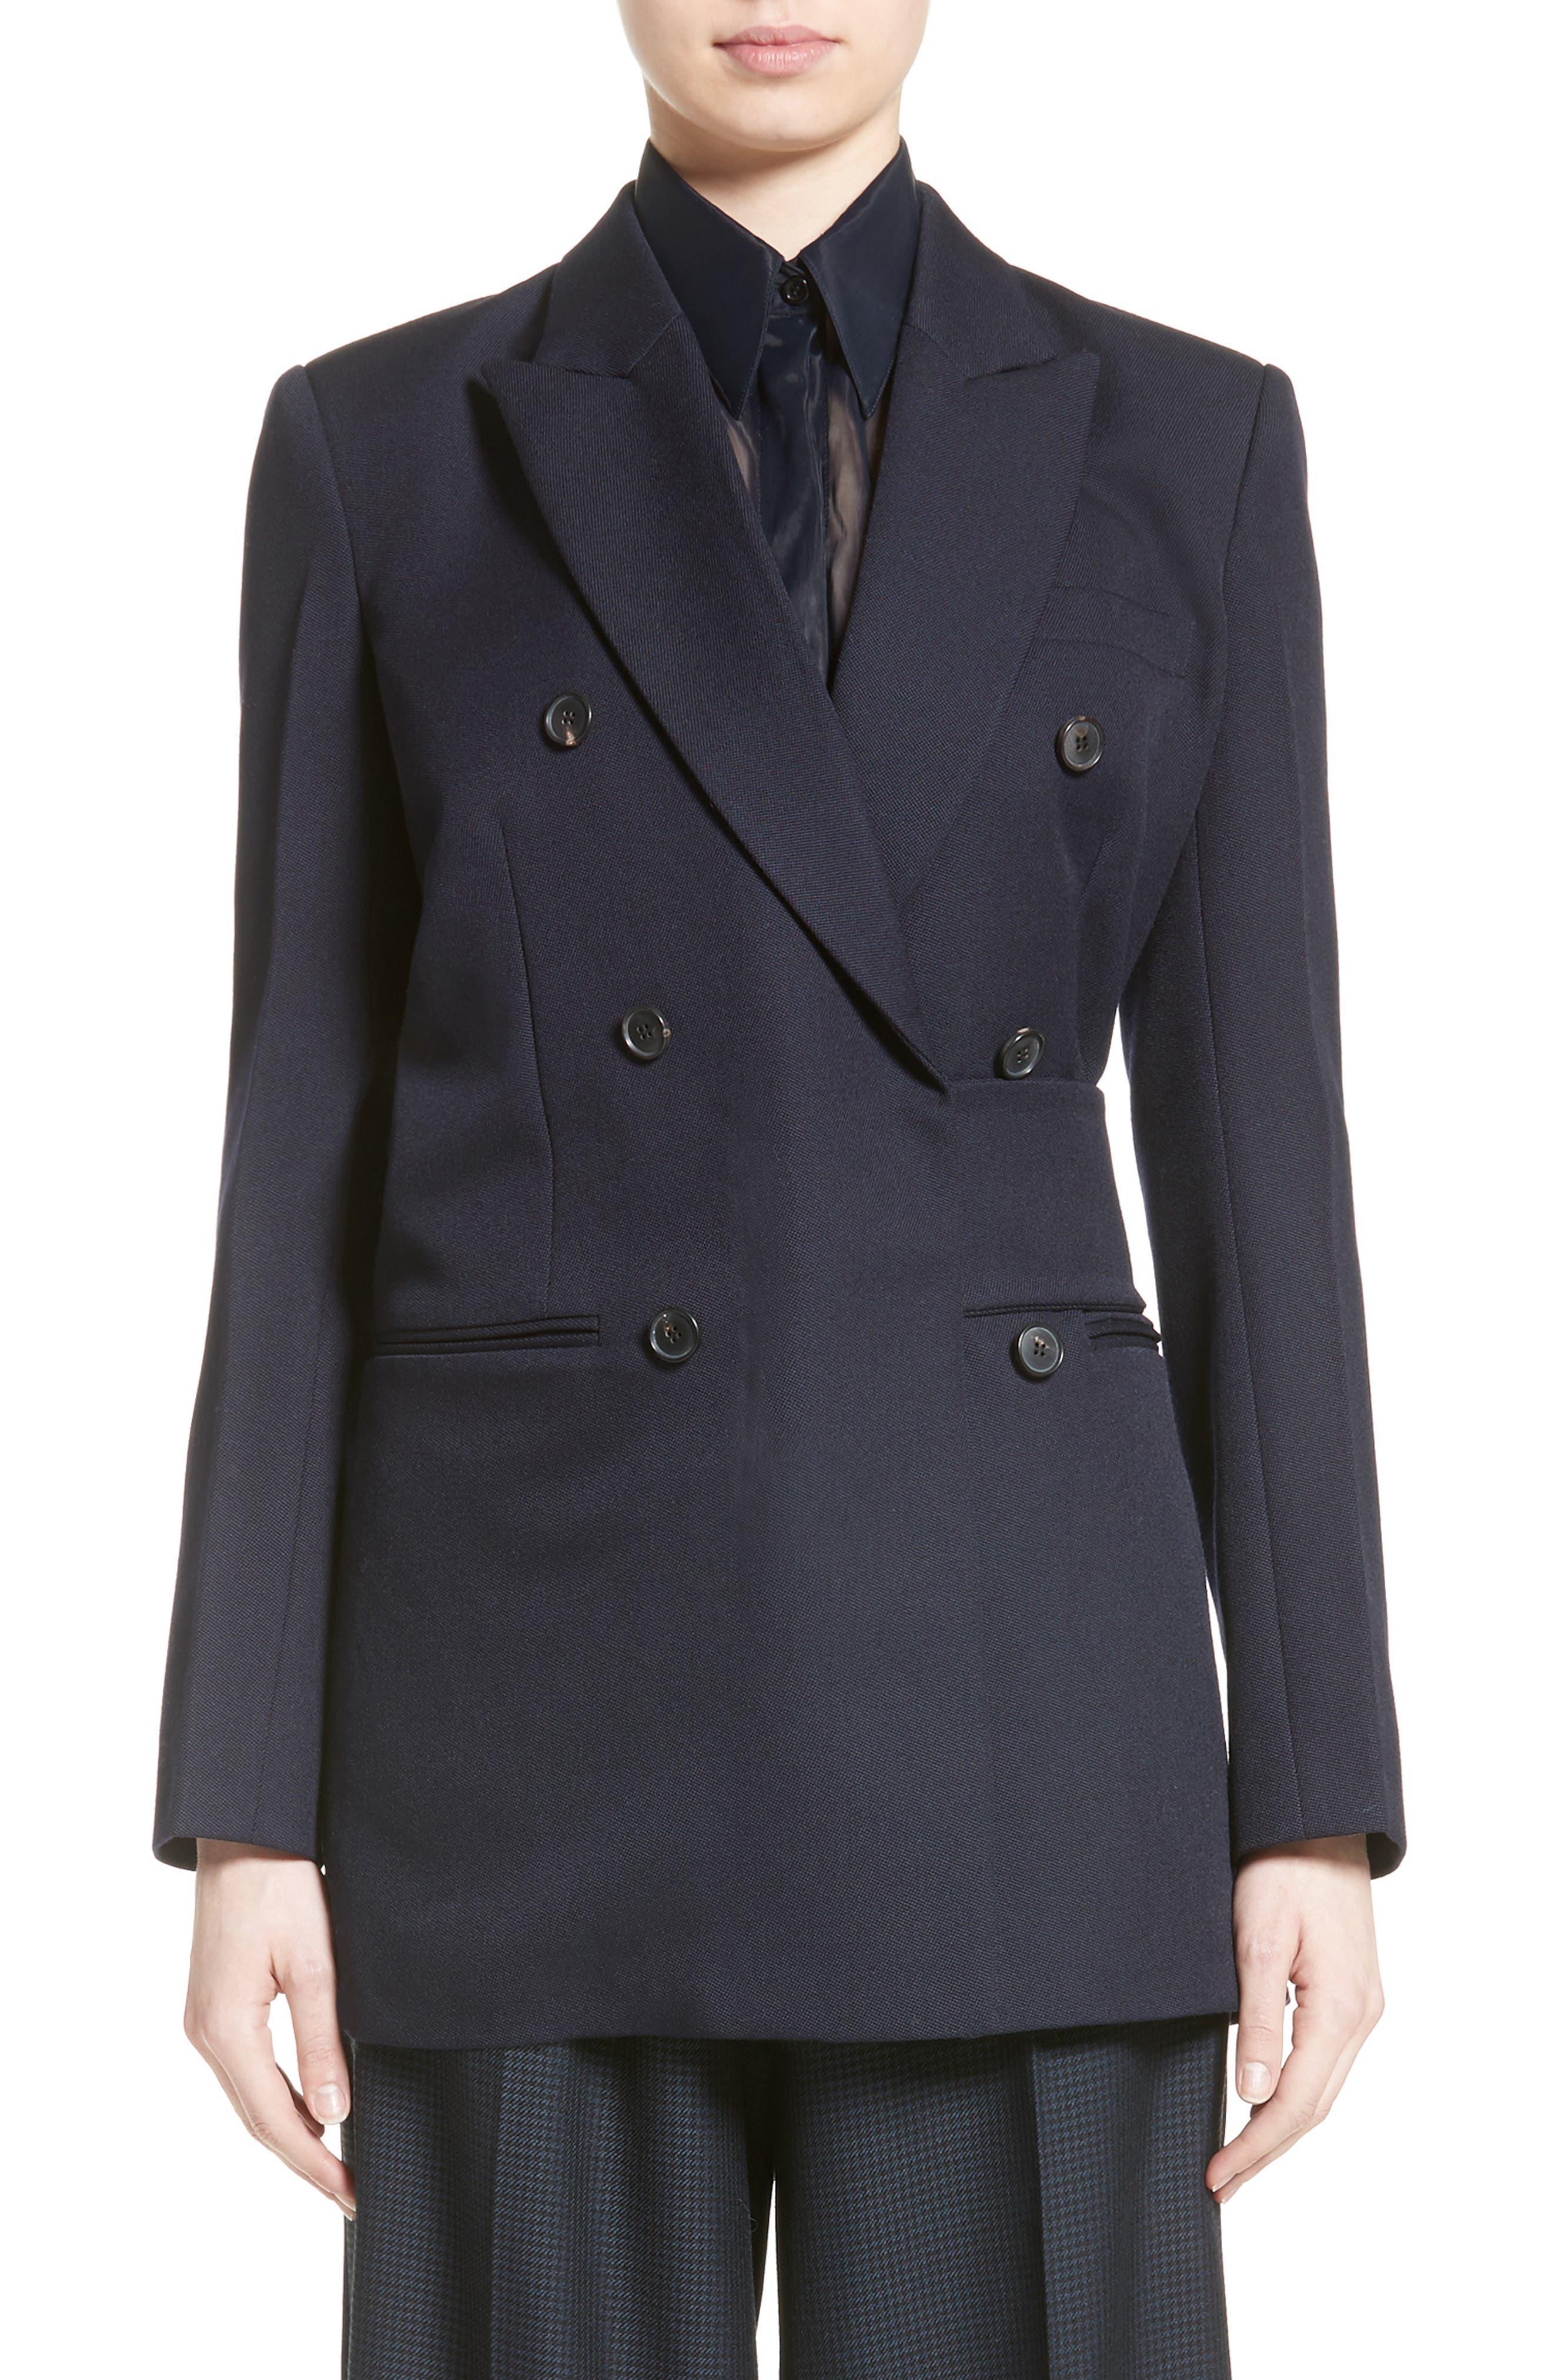 Victoria Beckham Tab Detail Men's Blazer